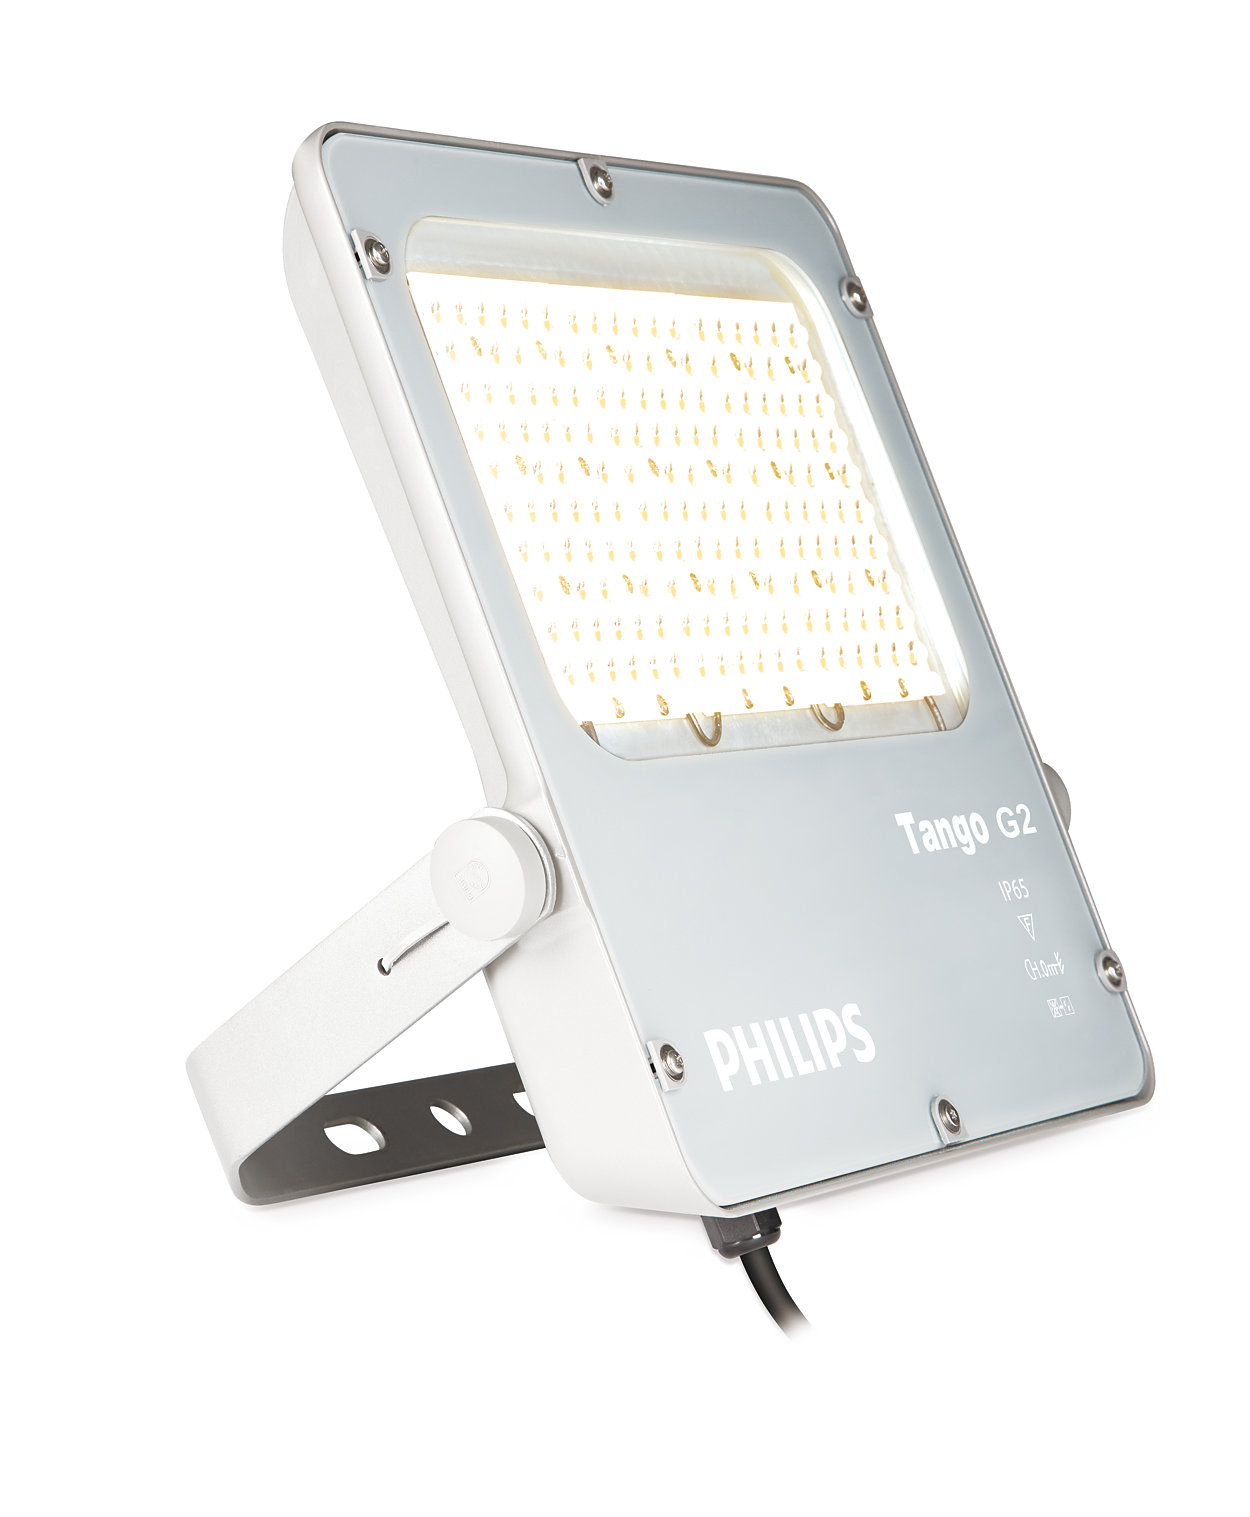 Rango completo de reflectores solares configurables y conectados hasta de 15,000 lúmenes.